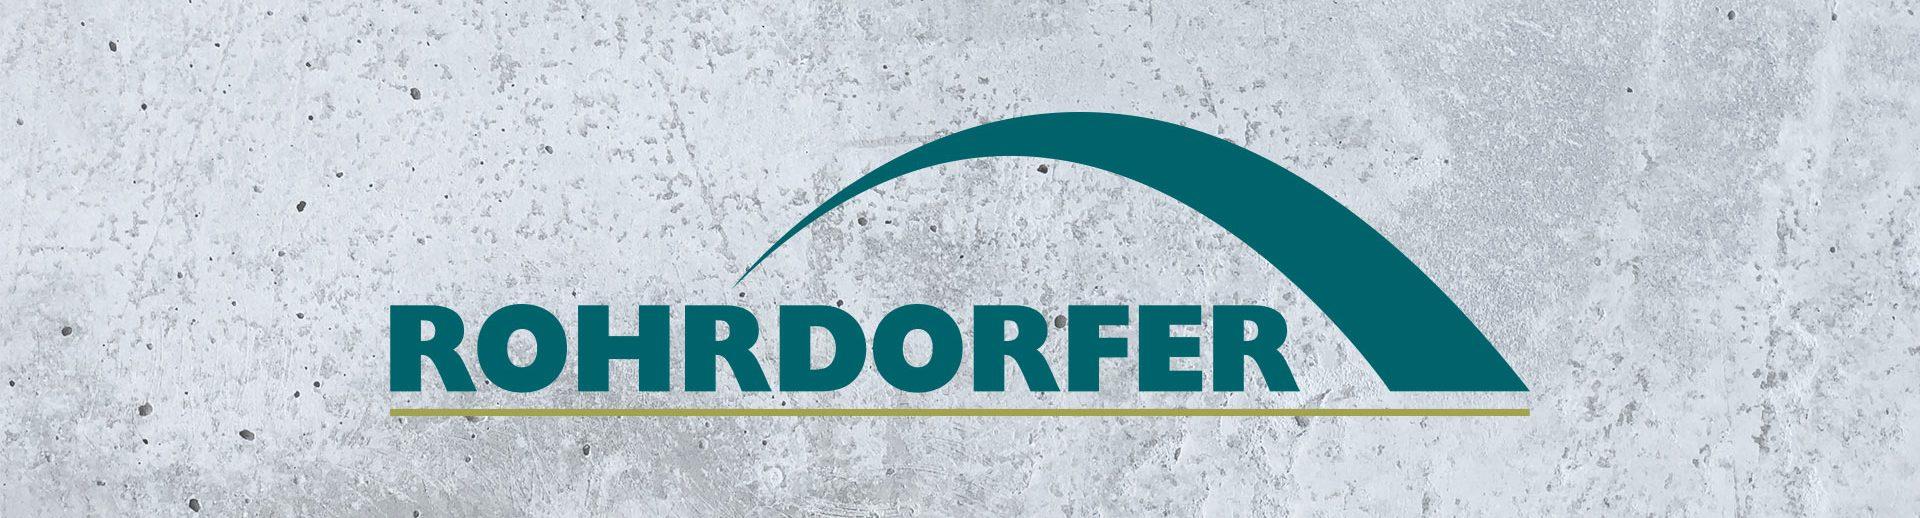 Rorhdorfer Logo - Unternehmen